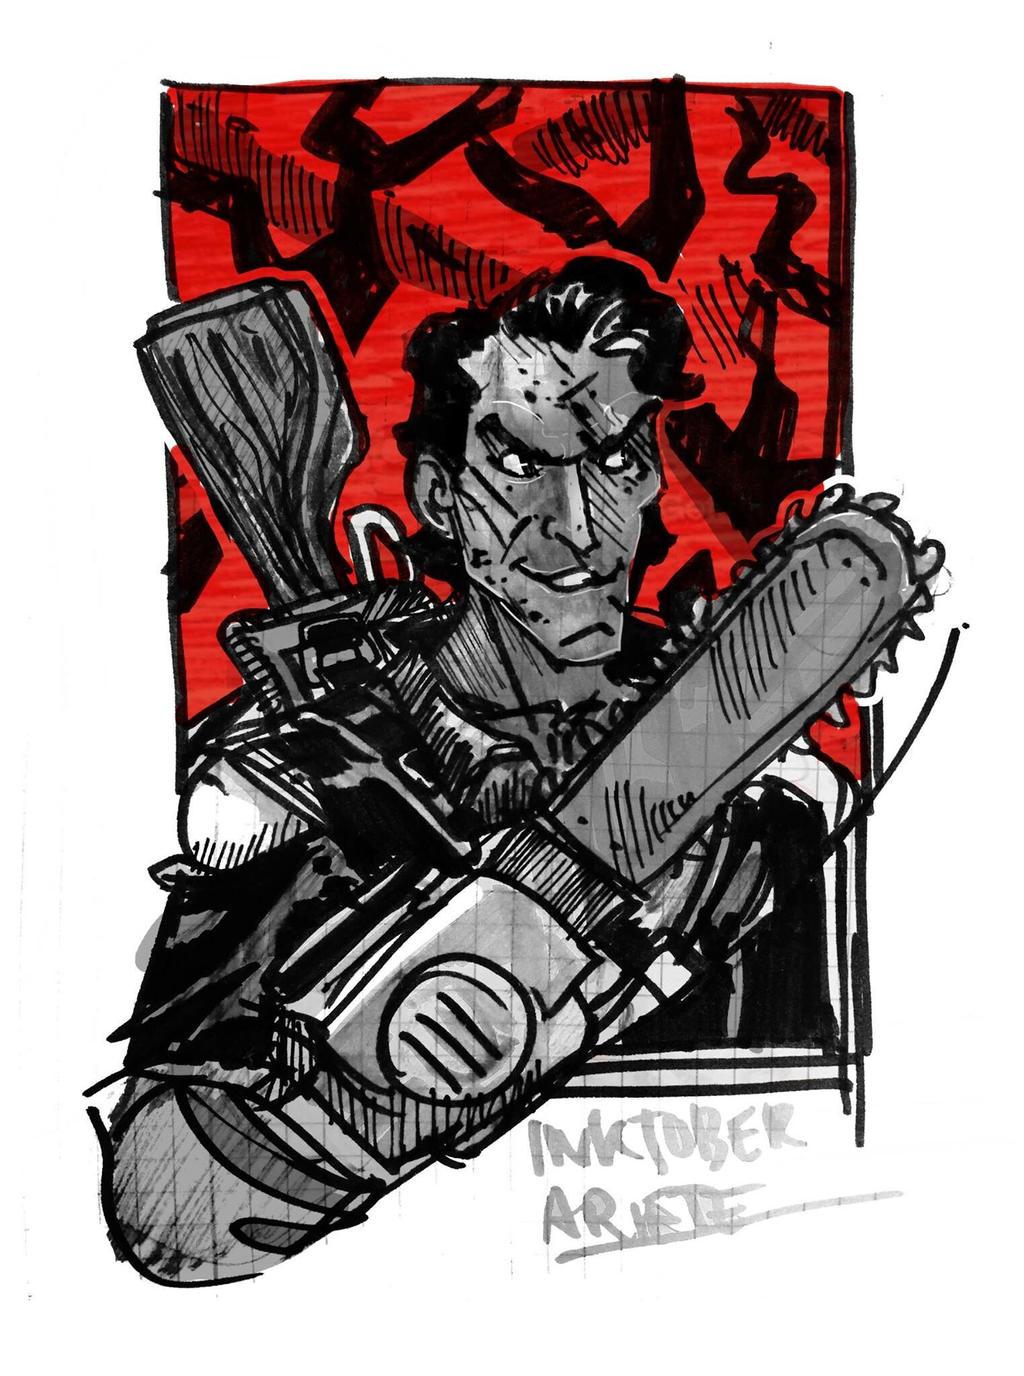 Inktober 01: Ash vs Evil dead  by thenota